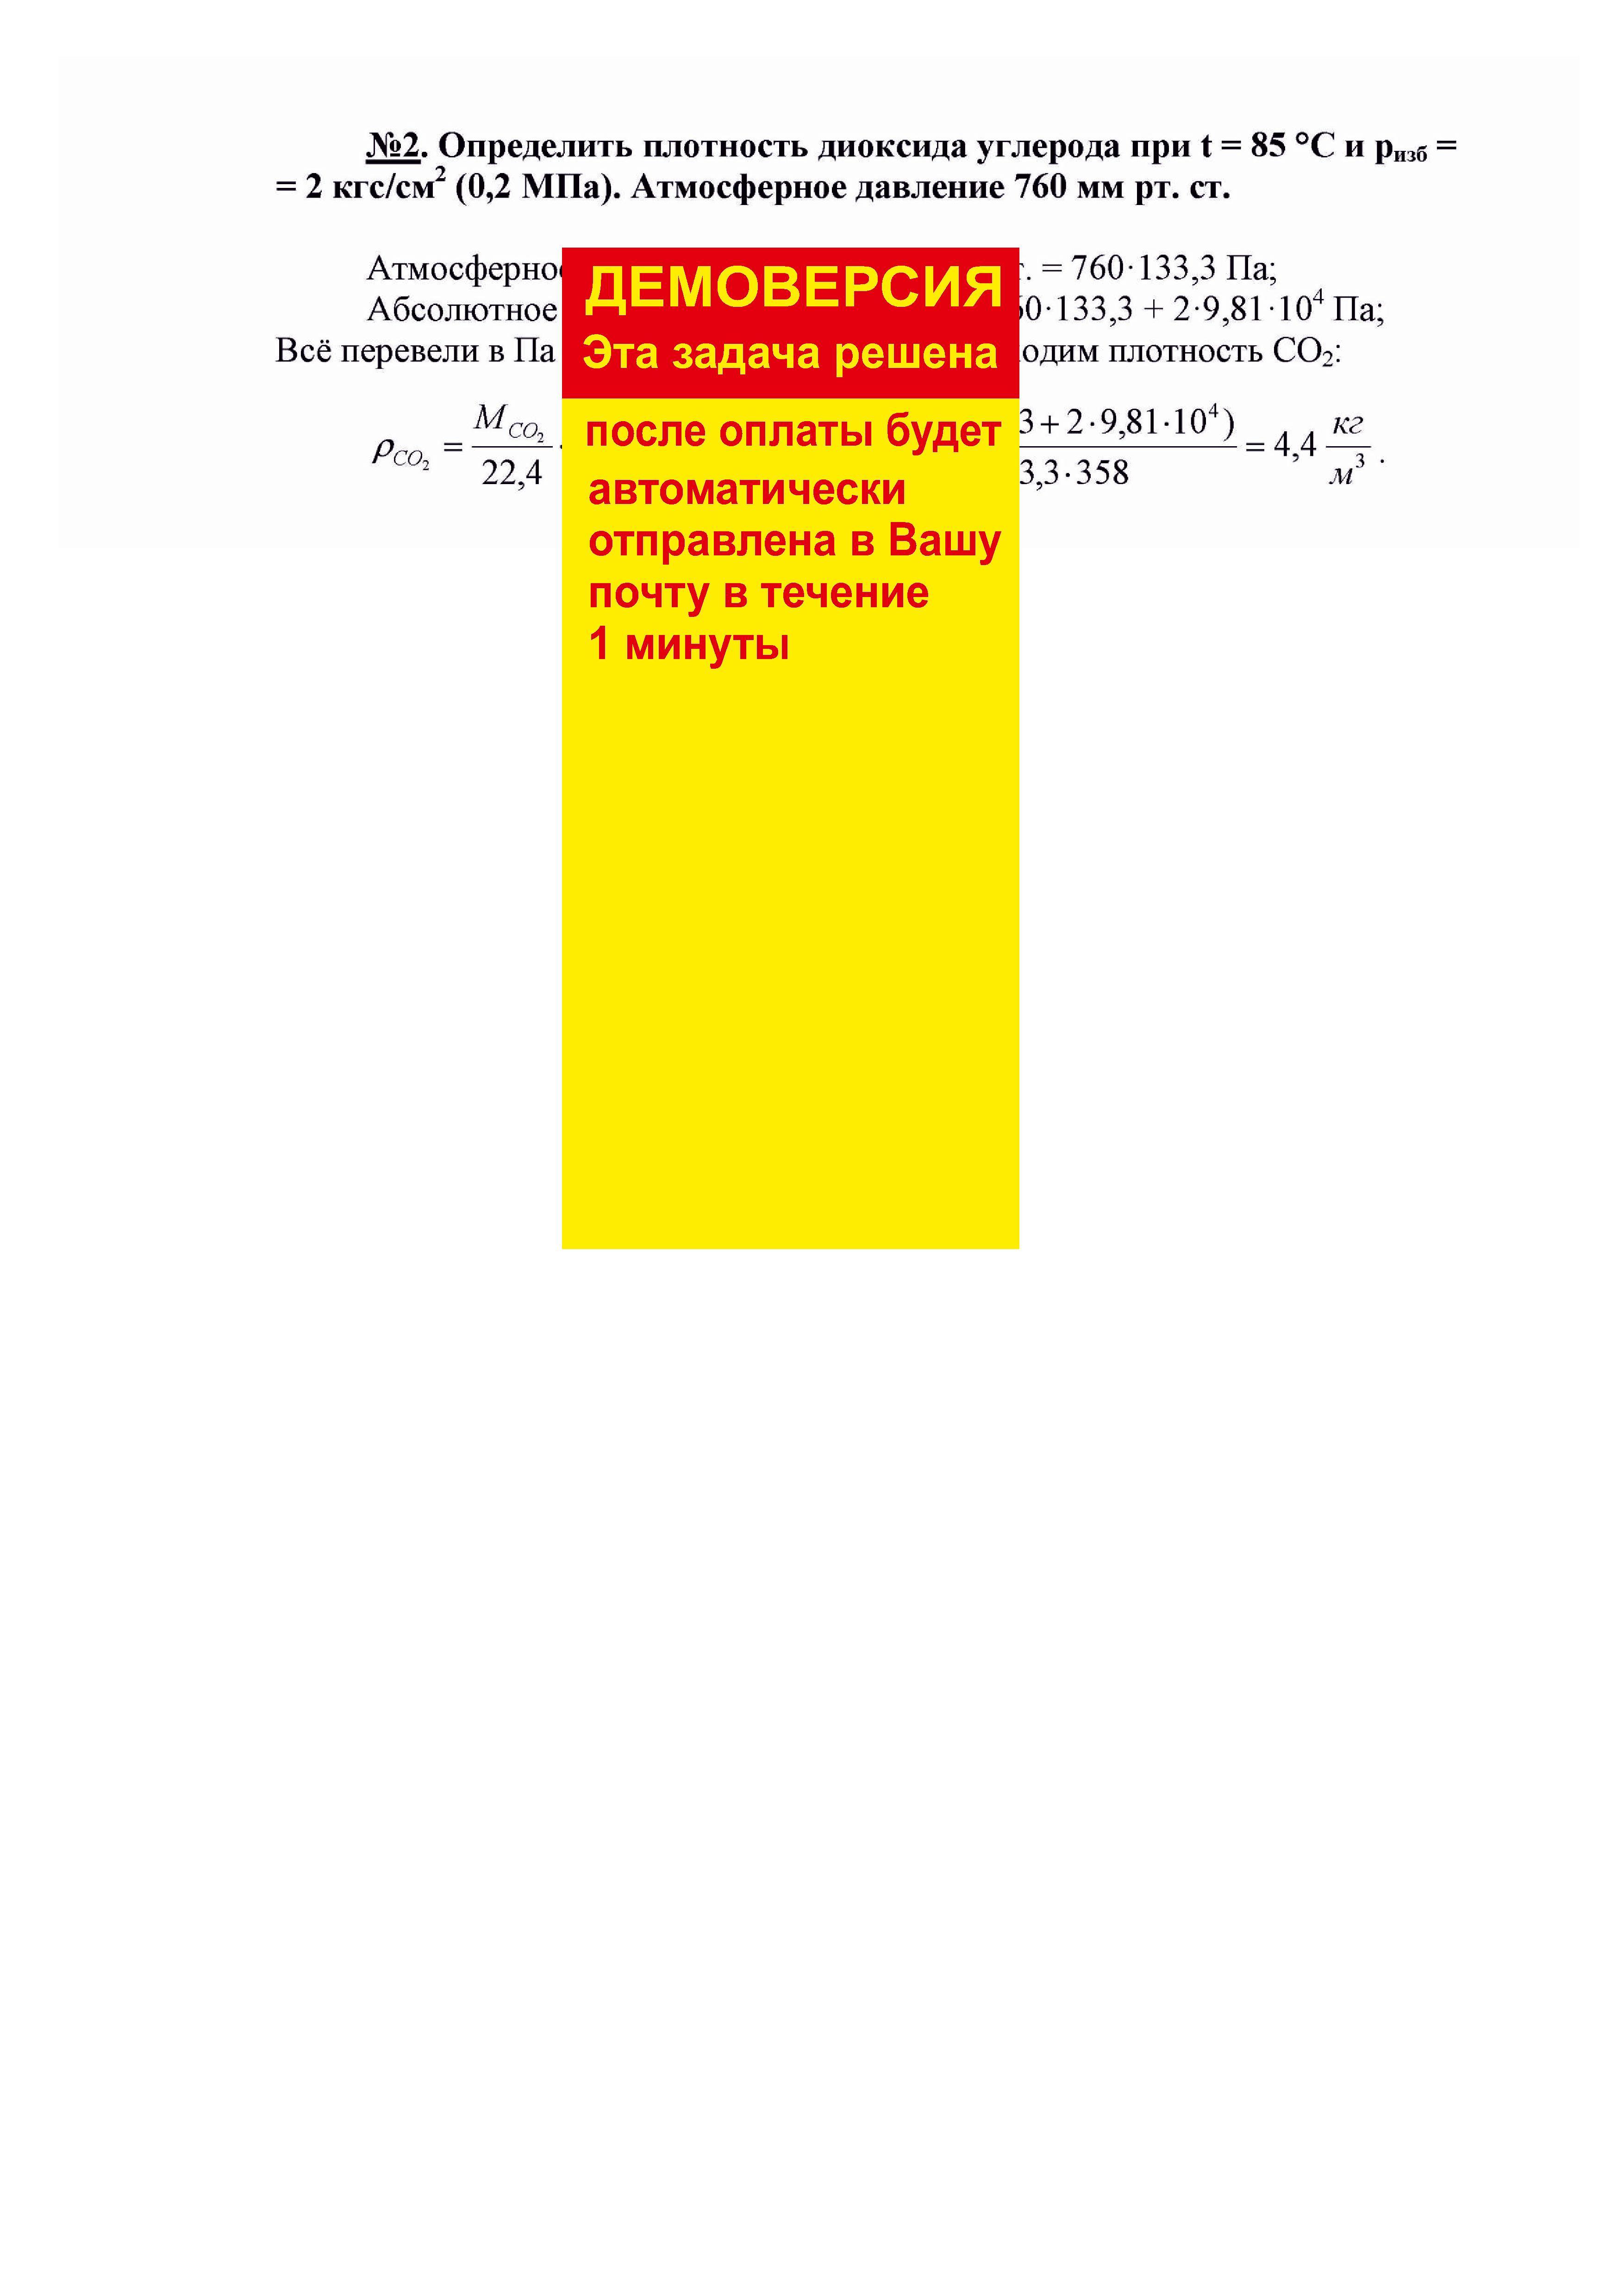 Решение задачи 1.2 по ПАХТ из задачника Павлова Романкова Носкова